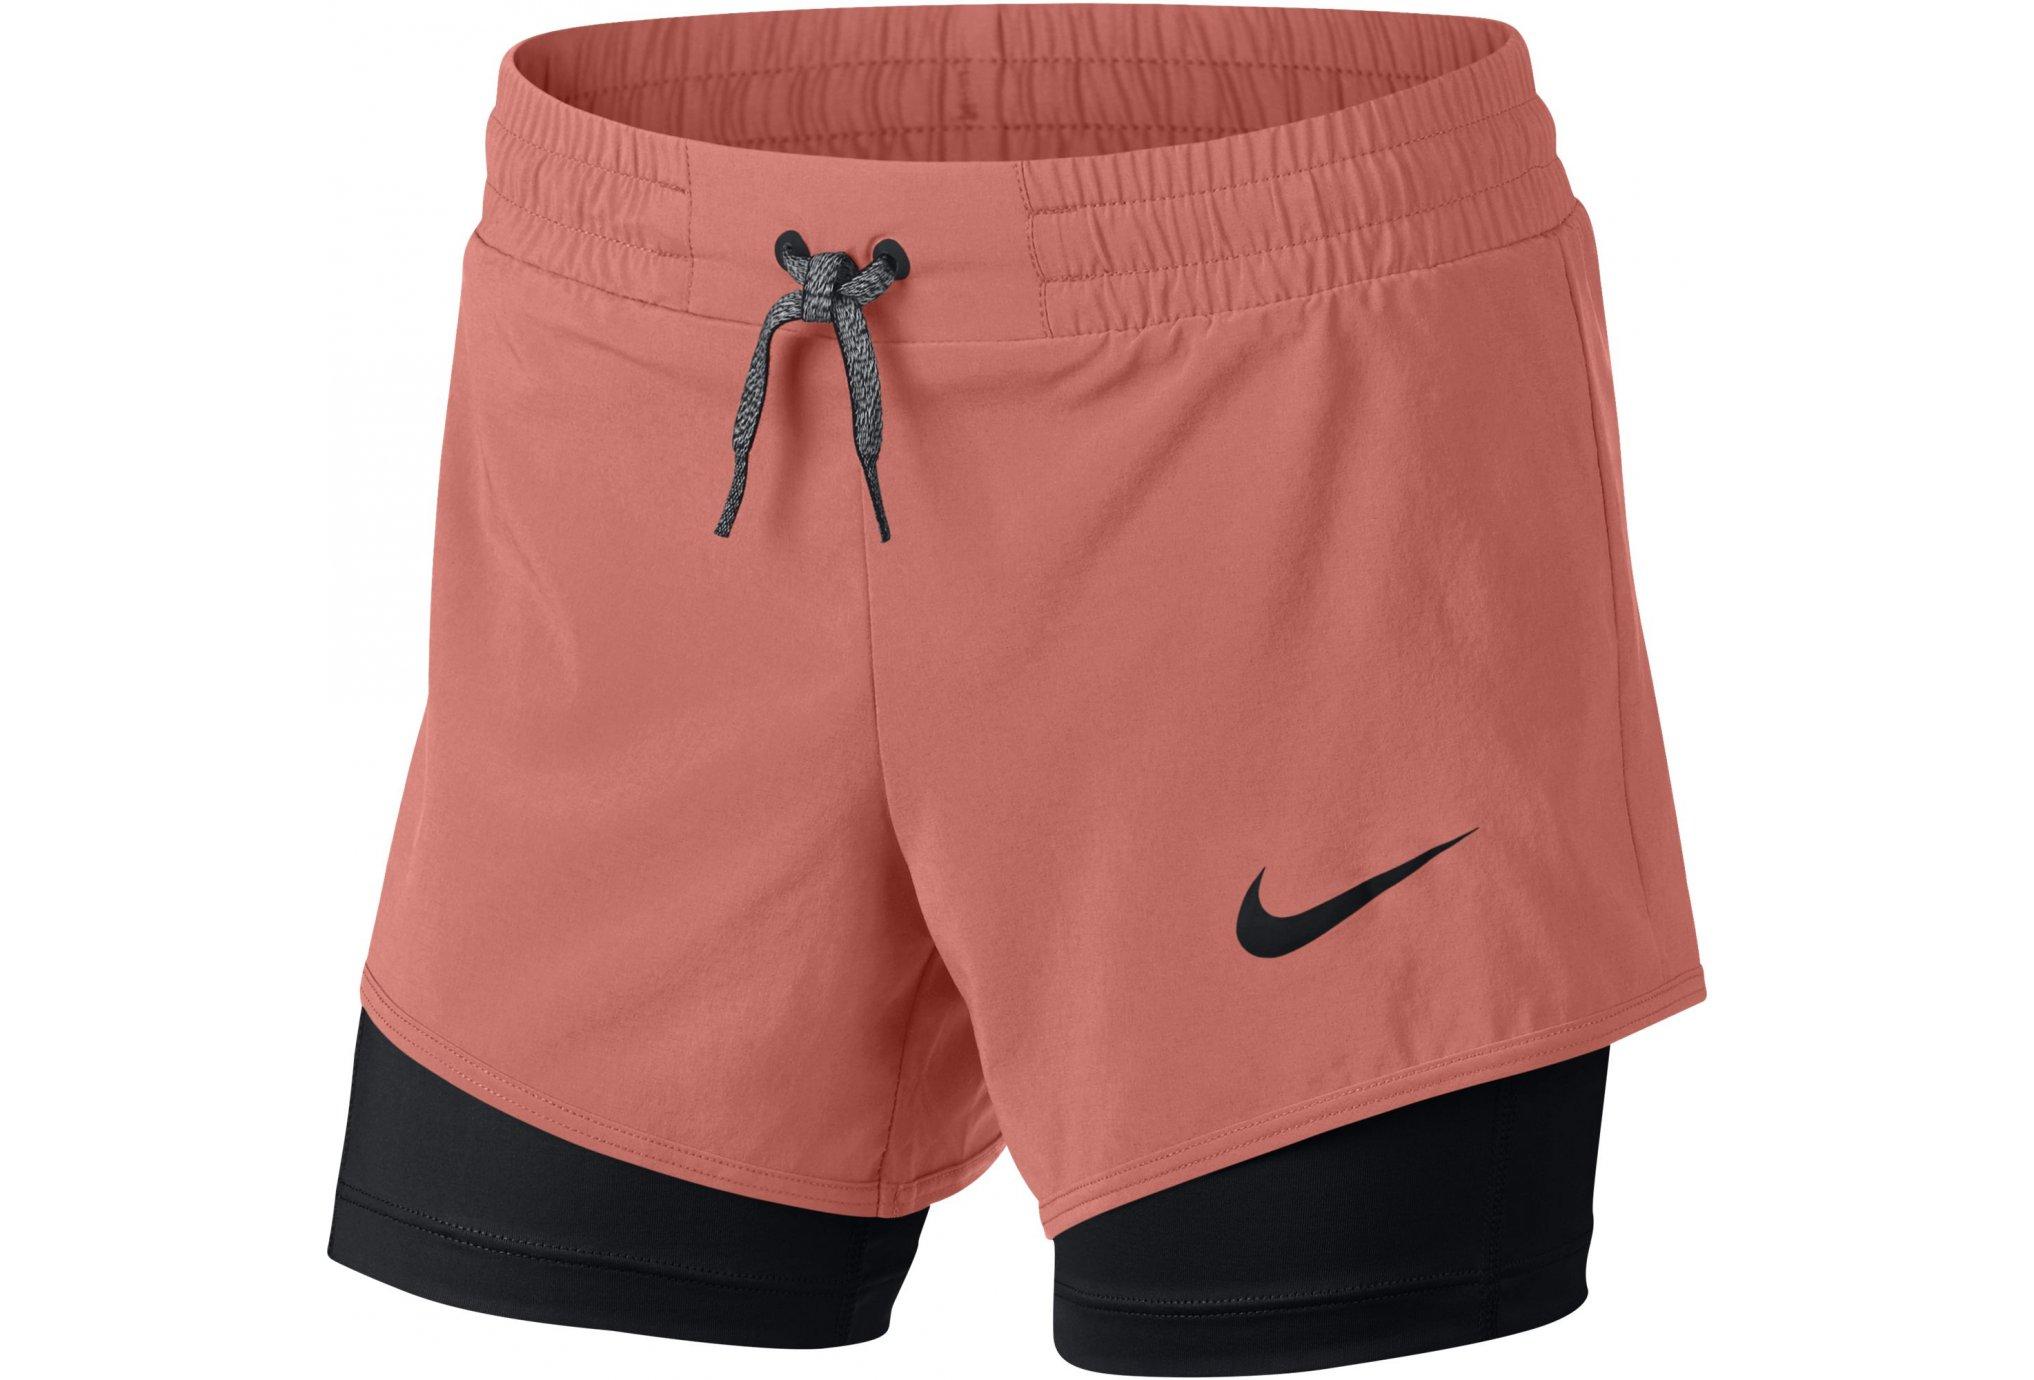 Nike Dry 2en1 Fille vêtement running femme